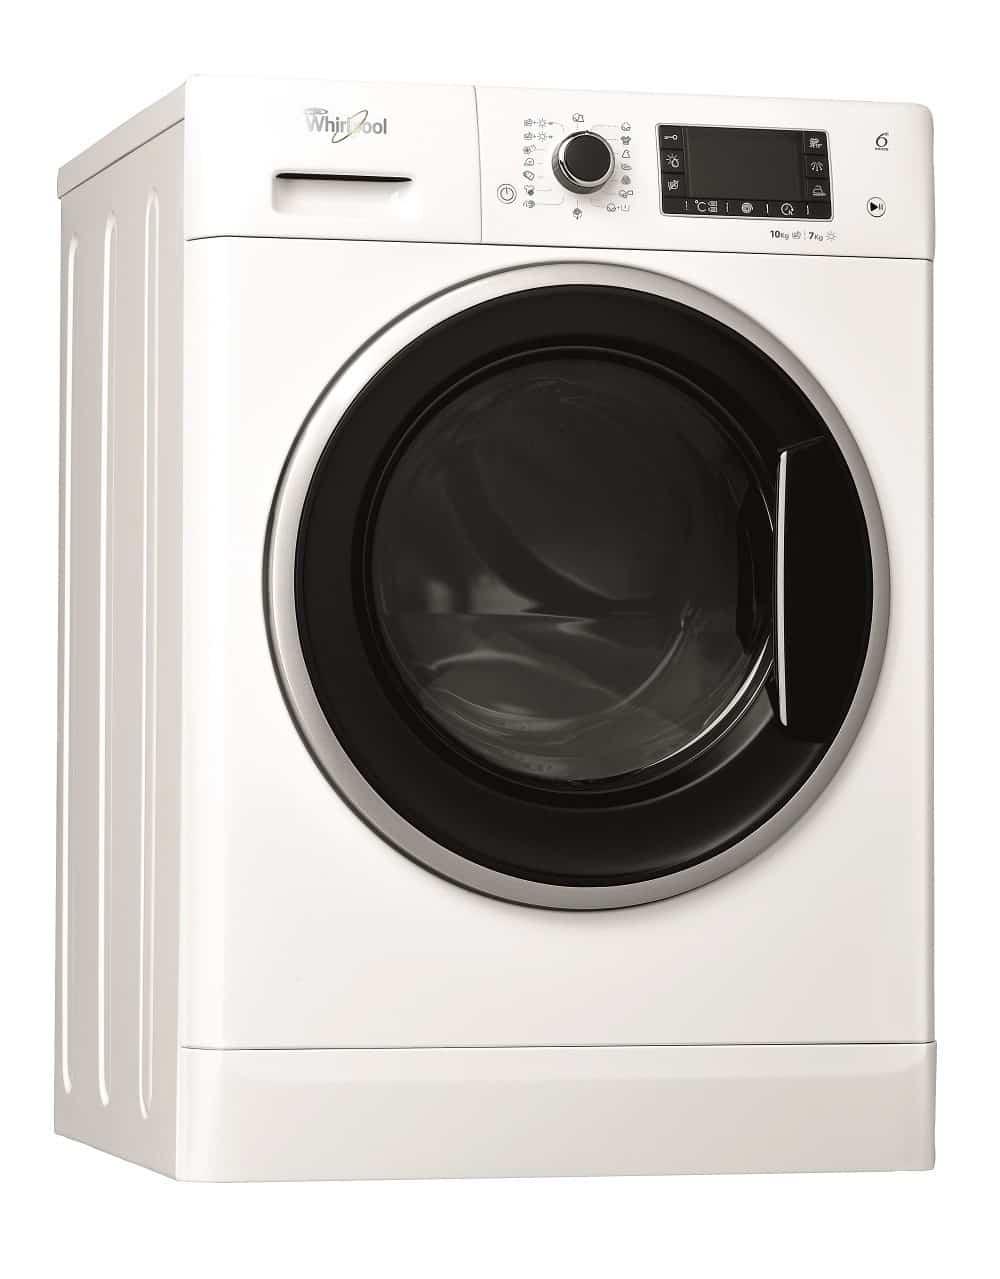 Nuevas lavasecadoras todo en uno de Whirlpool 2